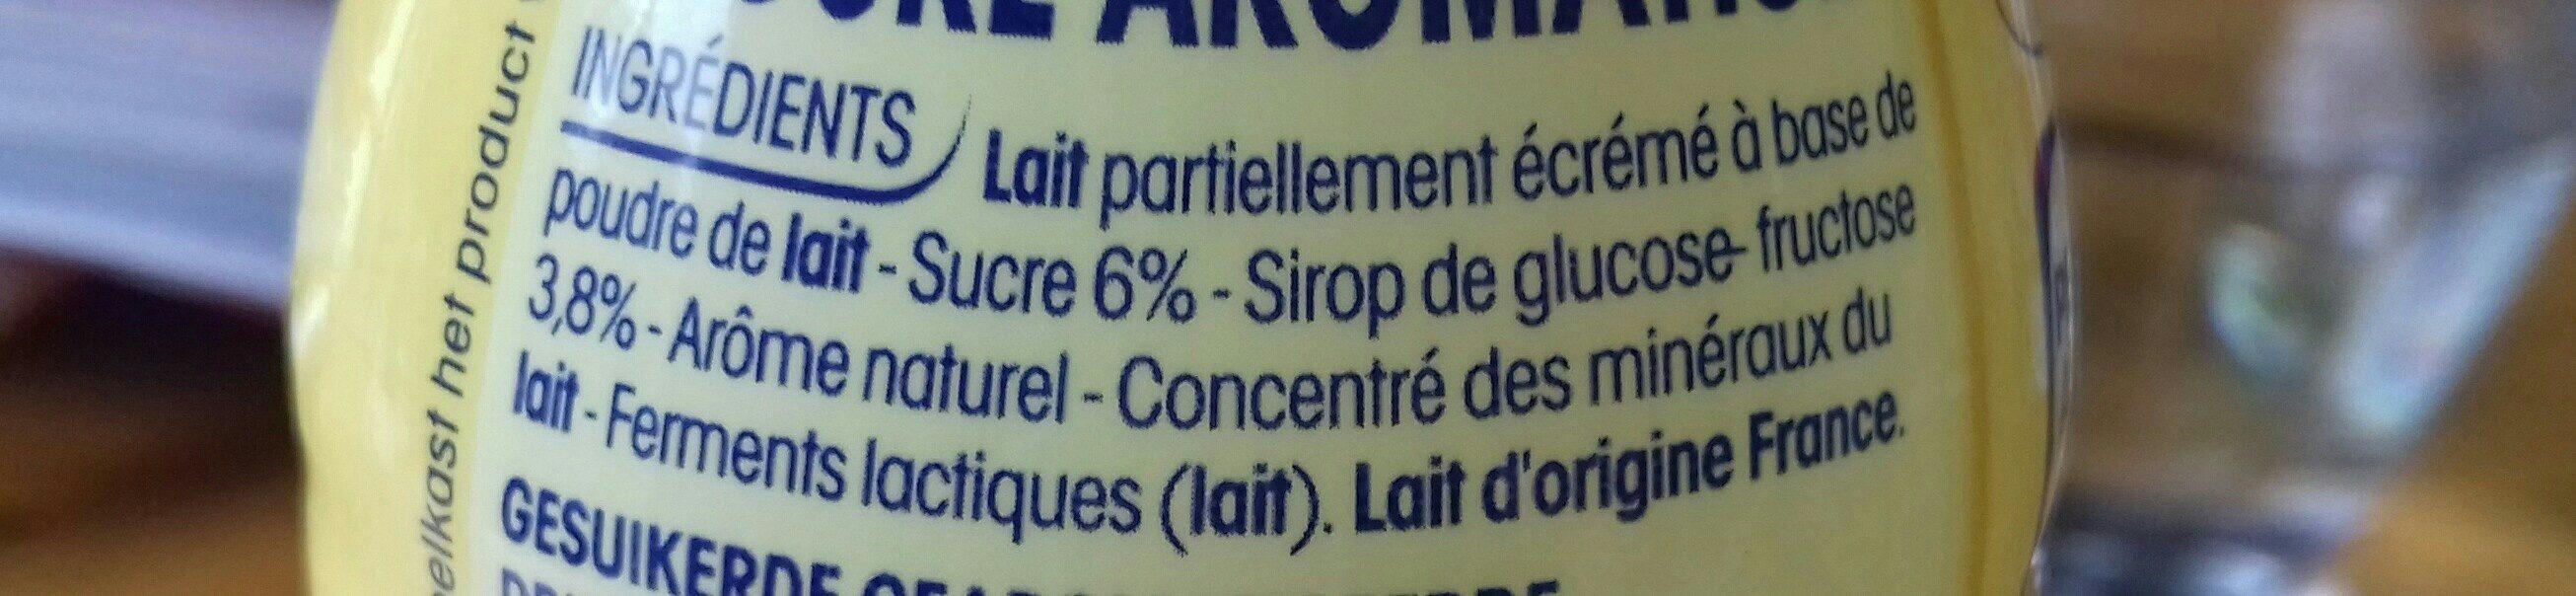 P'tit Yop arômes naturels goût vanille - Ingredients - fr